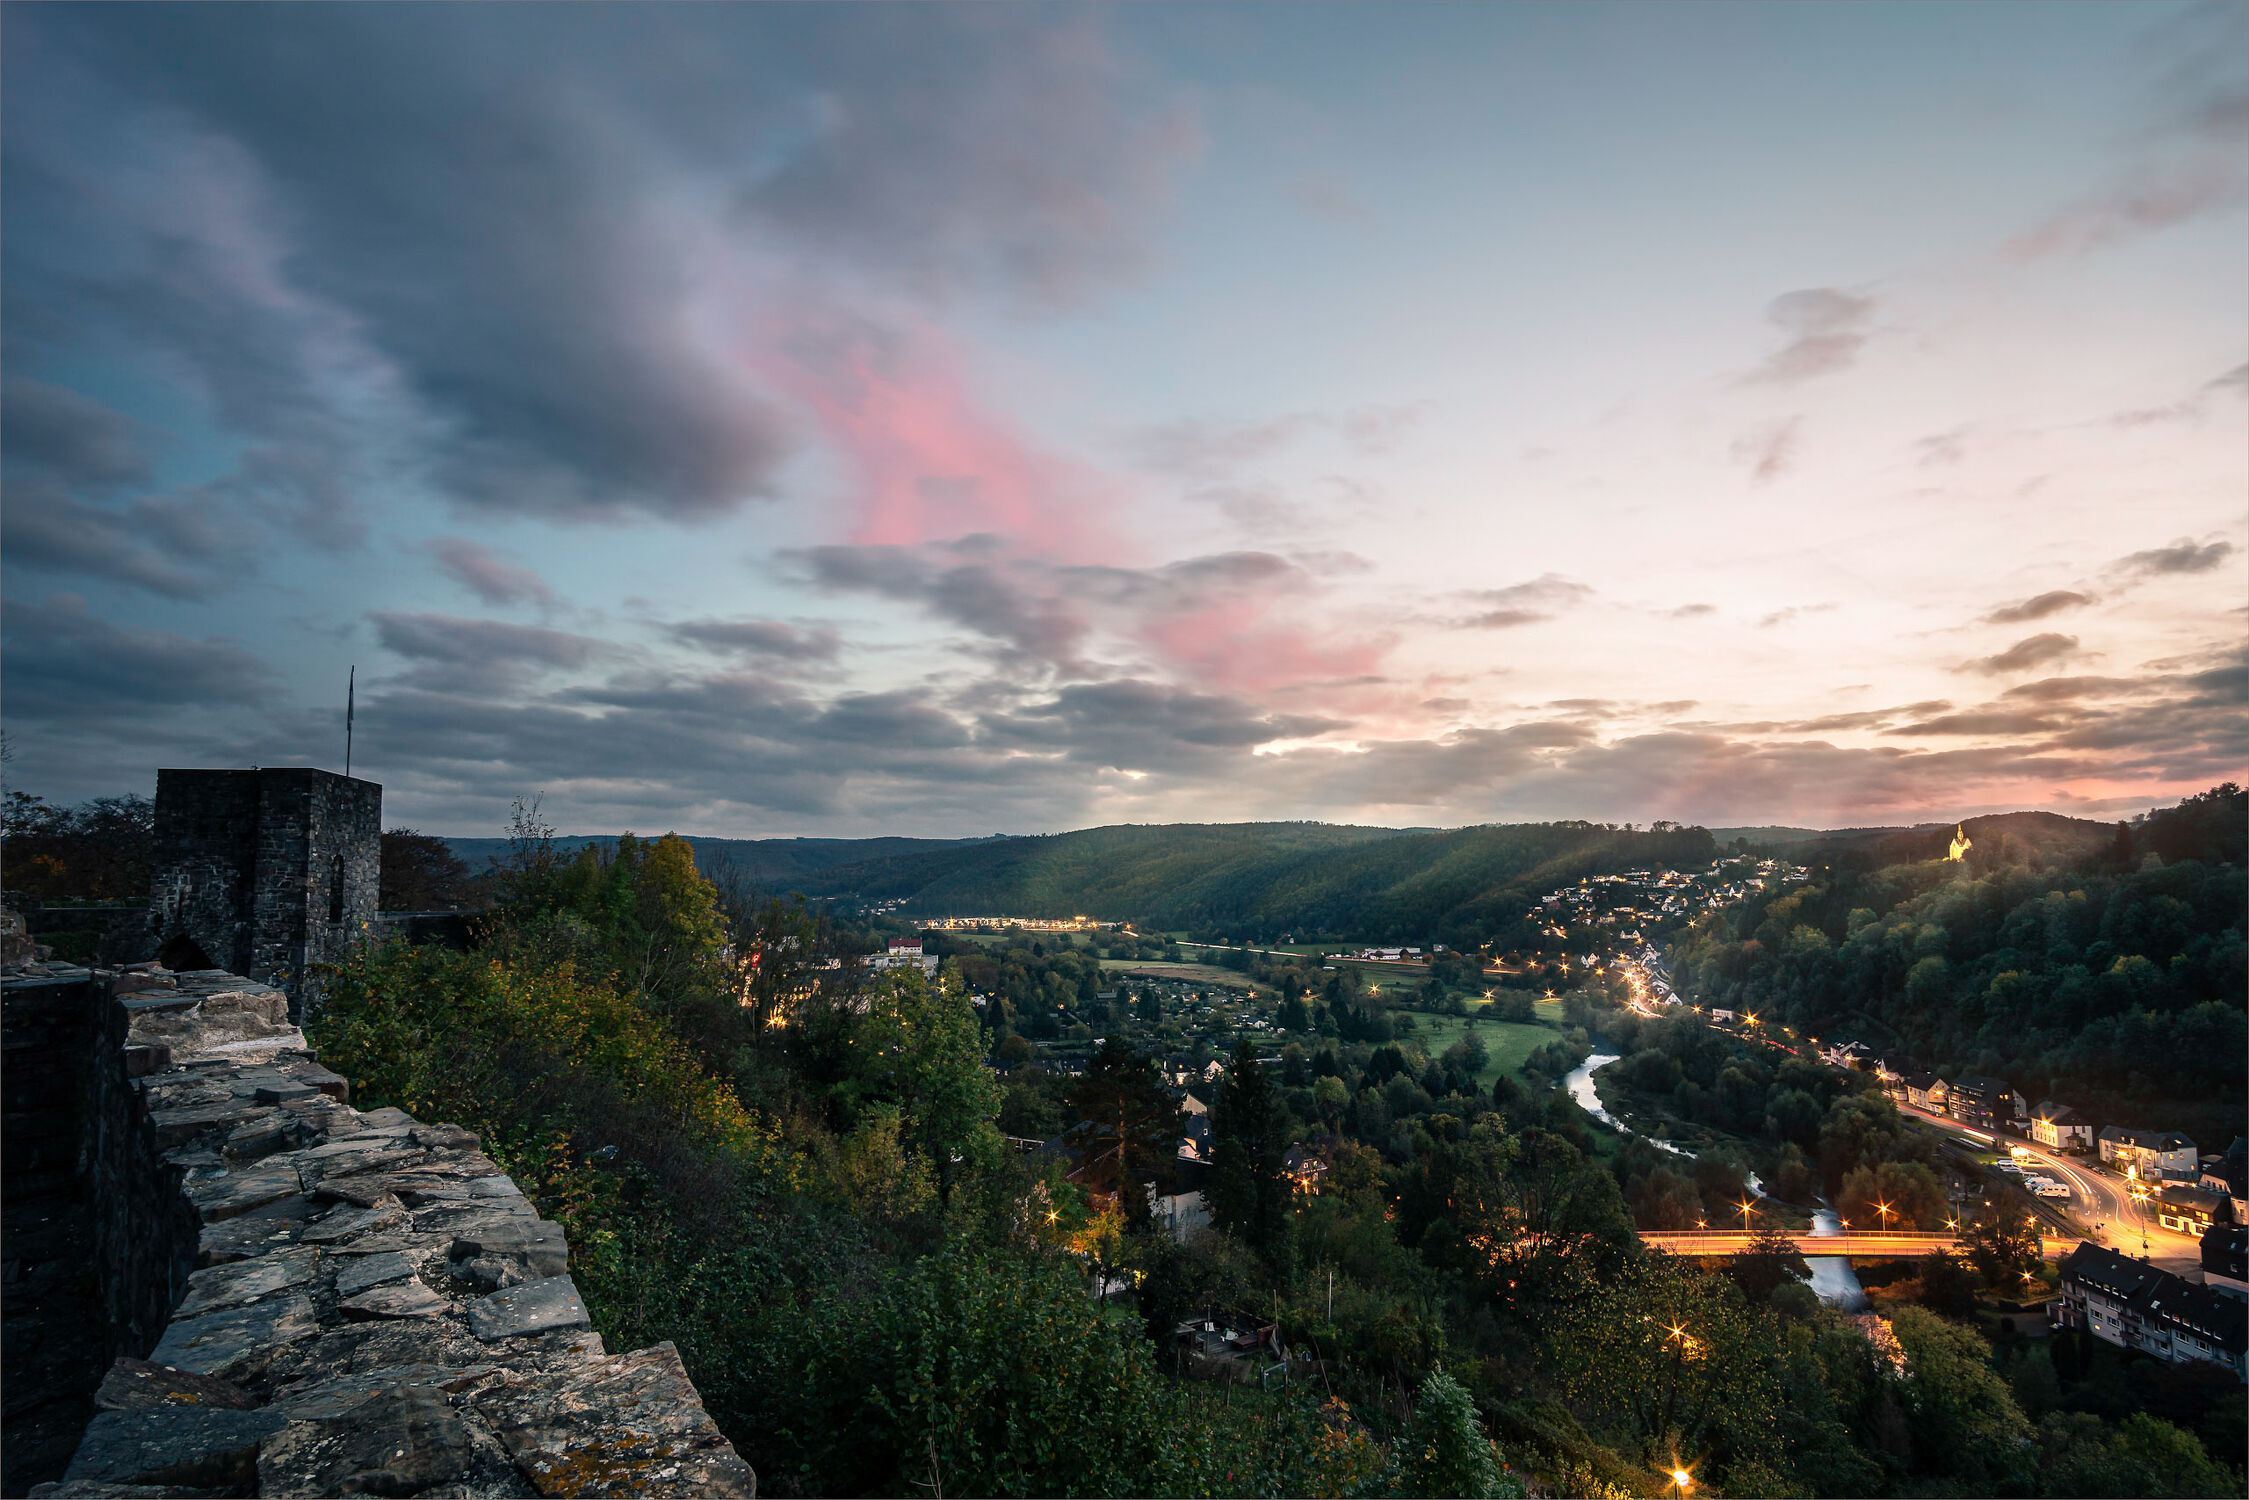 Bild mit Berge, Bäume, Sonnenuntergang, Sonnenaufgang, Landschaft, Burg, dorf, aussicht, Sauerland